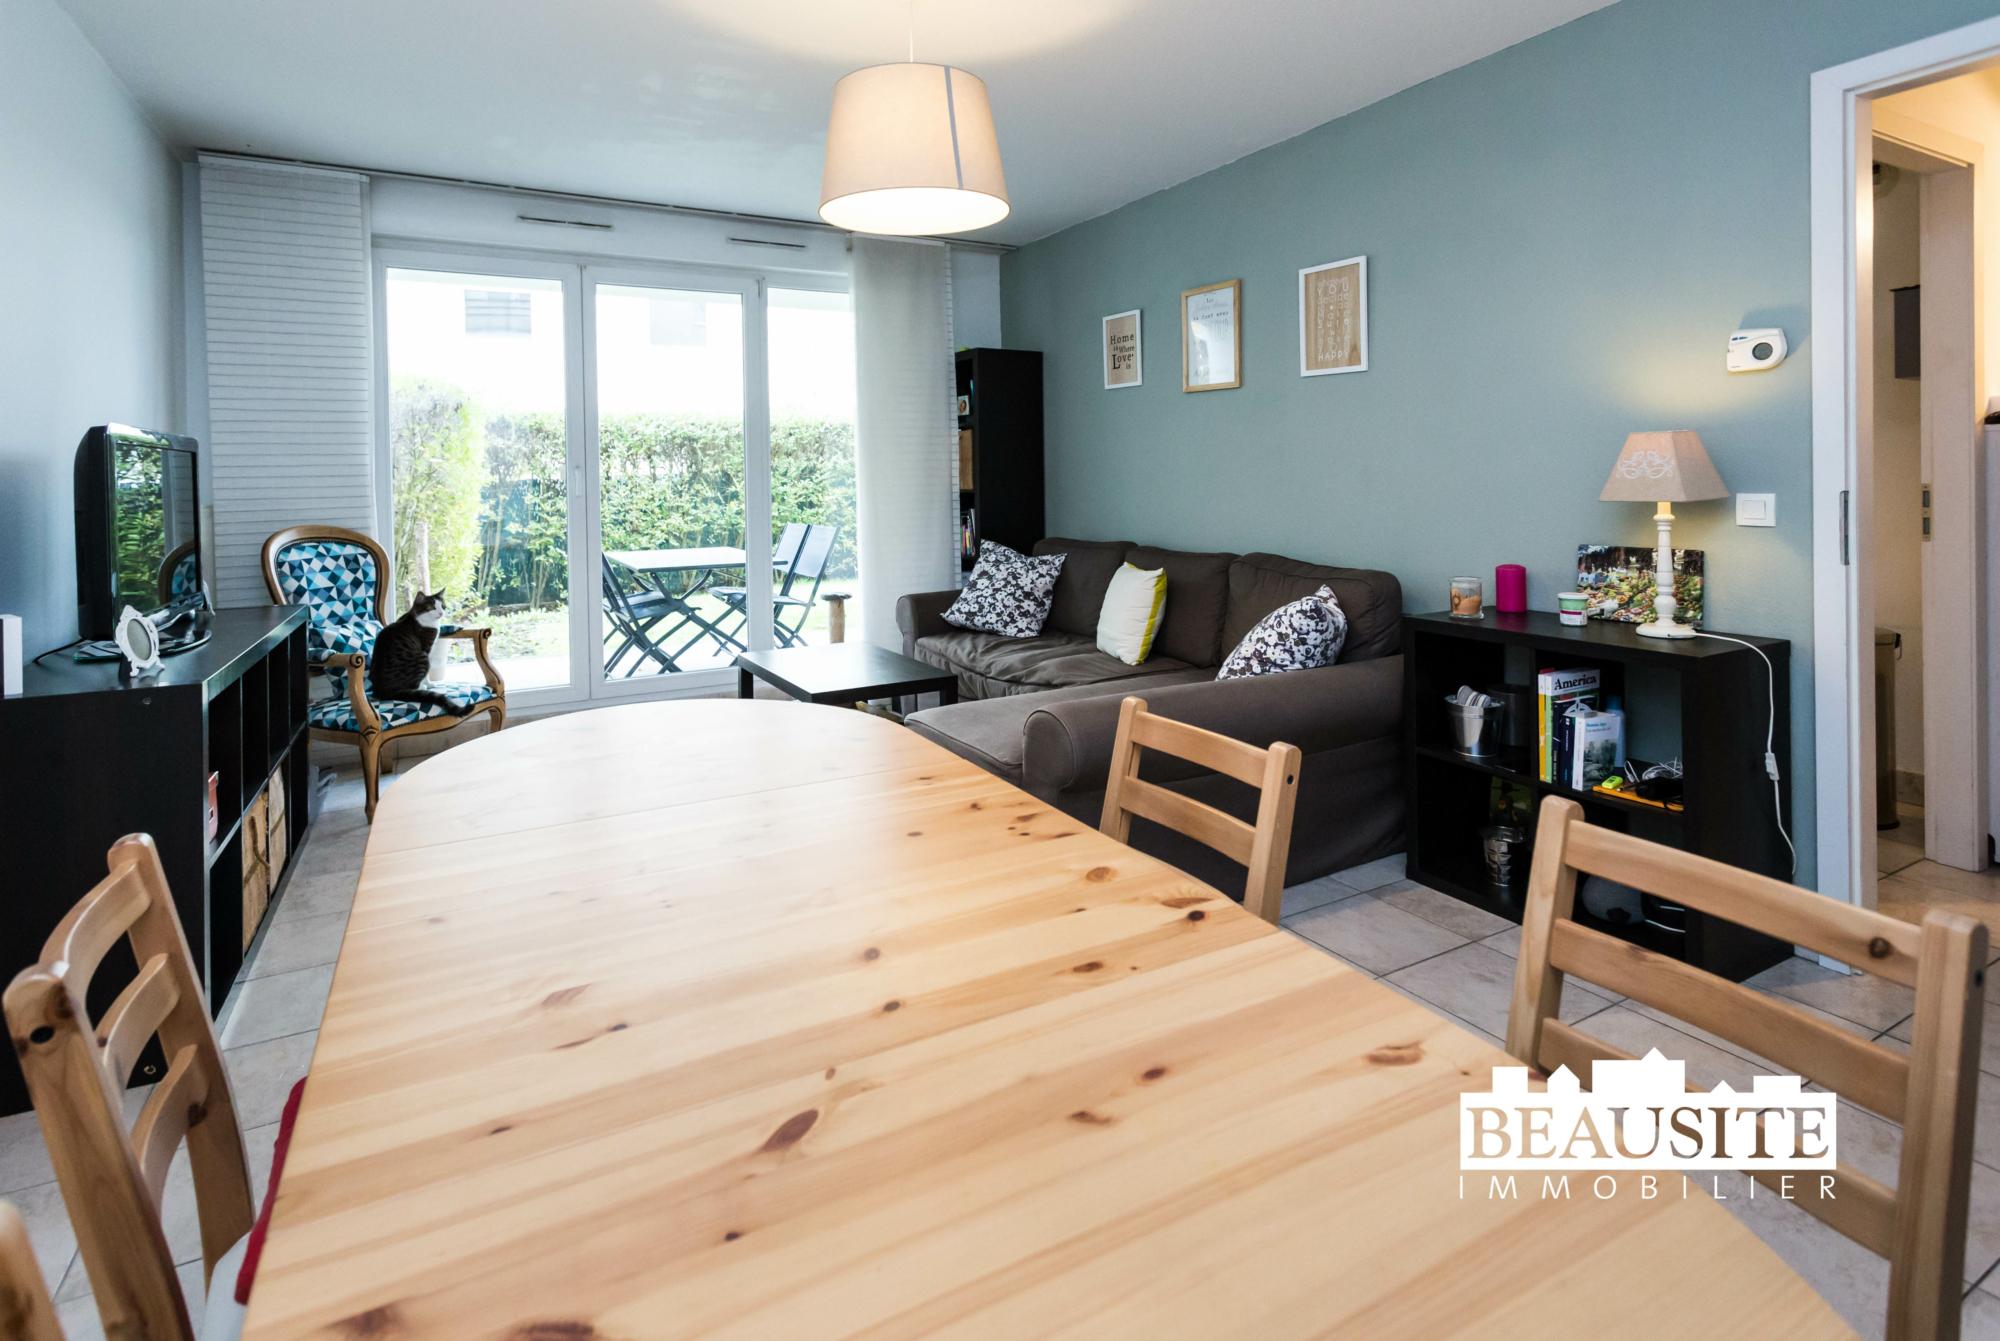 [Lily] Un verdoyant 2 pièces avec jardin privatif et parking – Schiltigheim - nos ventes - Beausite Immobilier 1